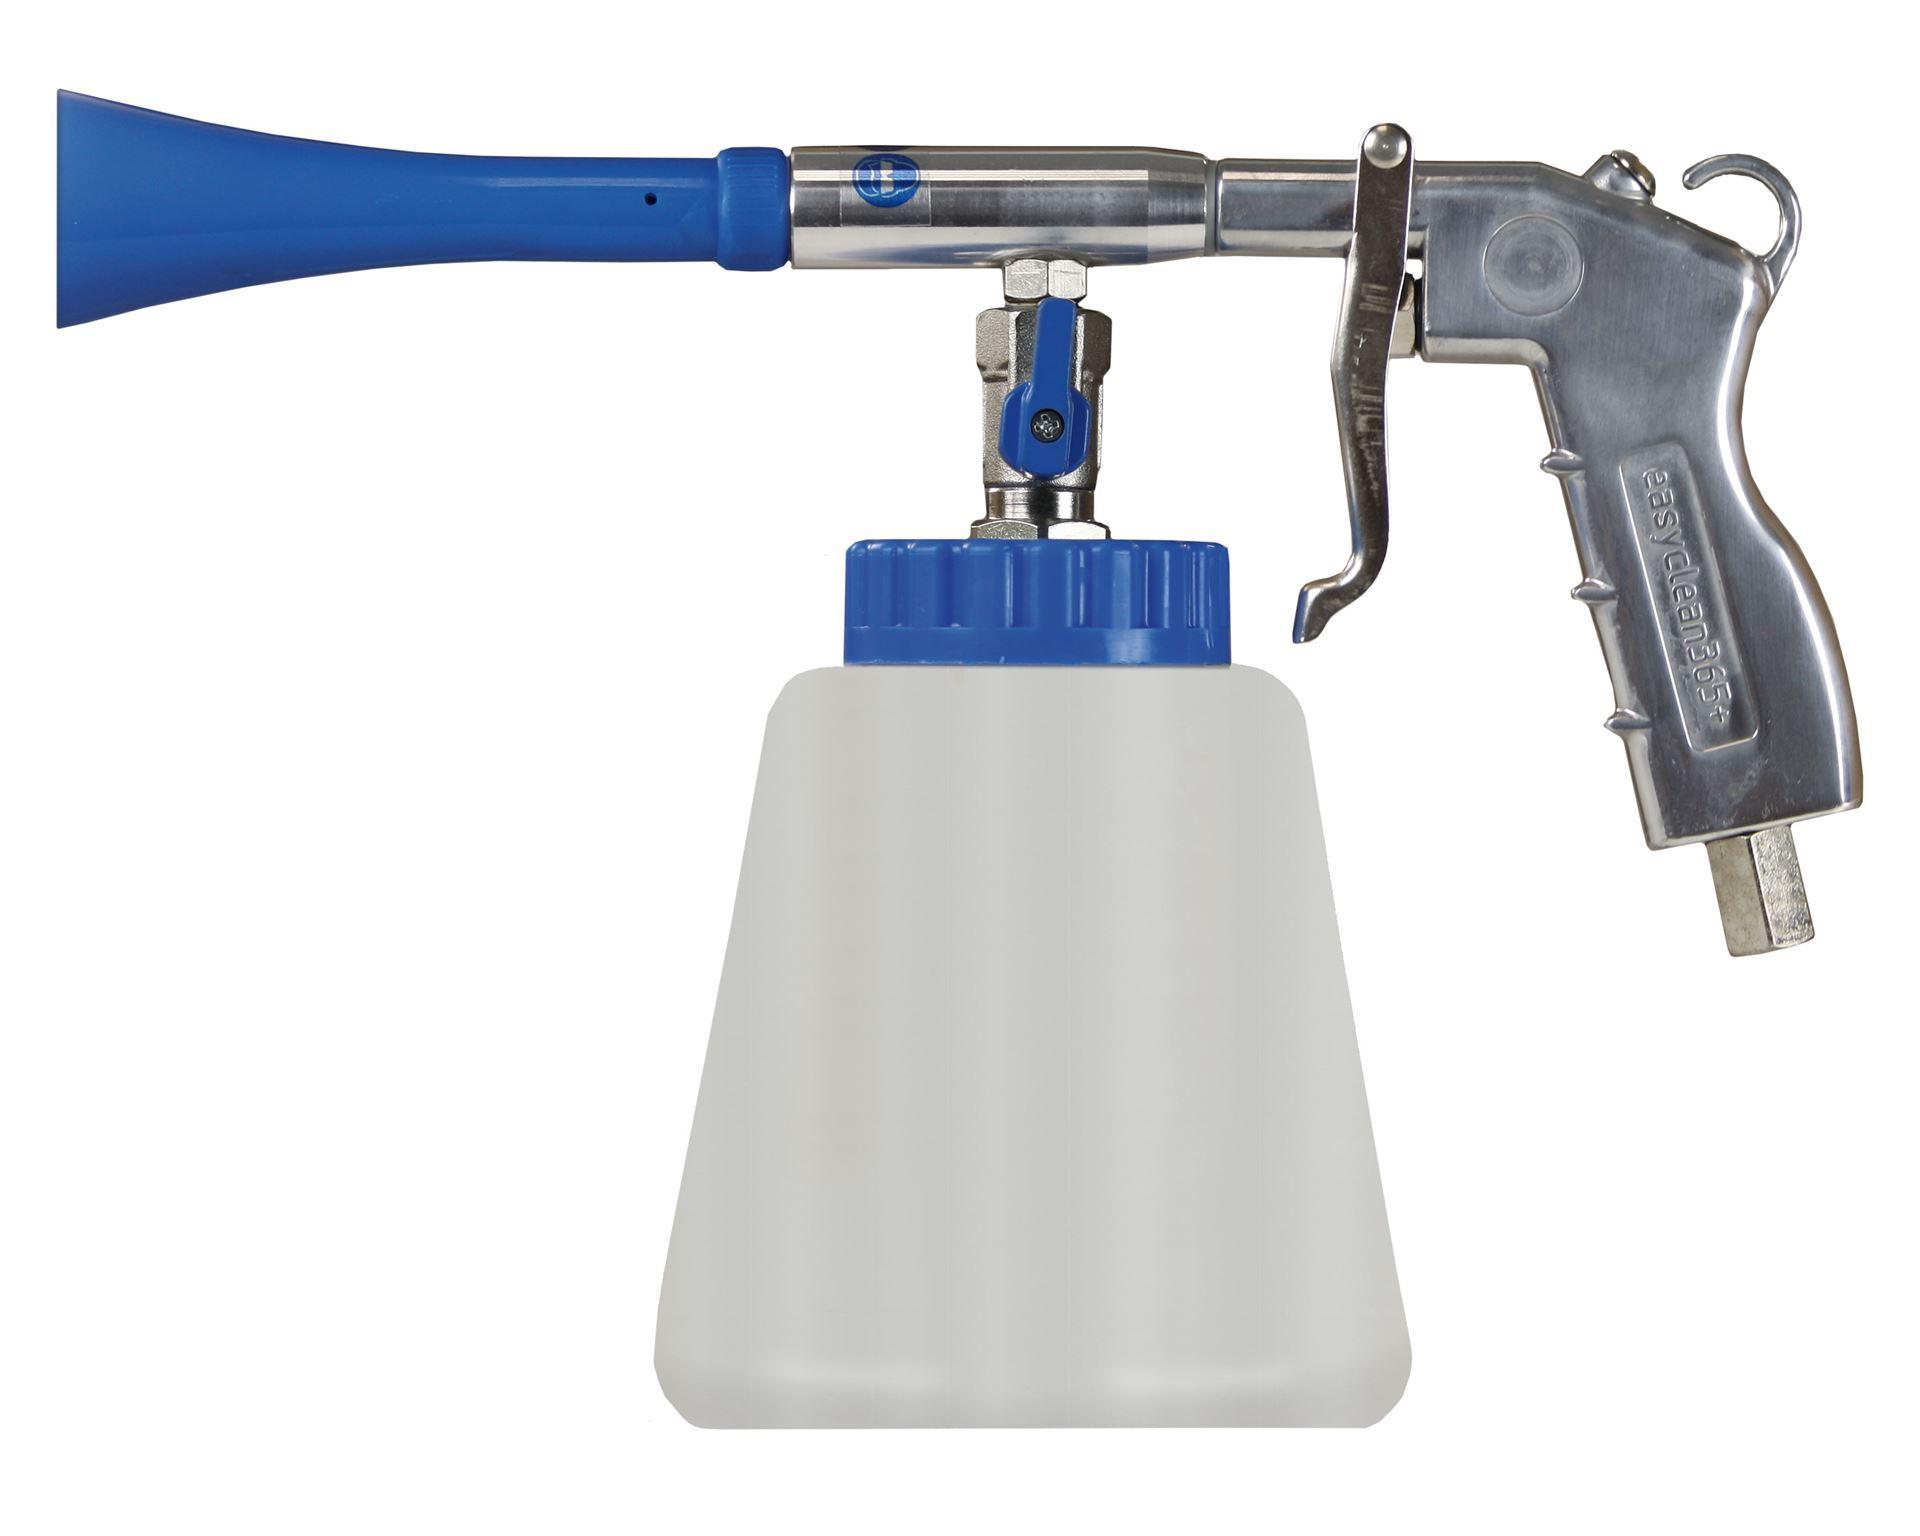 Nordic Lift Easy clean 365+ tornado gun alu - ny utgave Nordic lift tepperensgjøring bilpleie